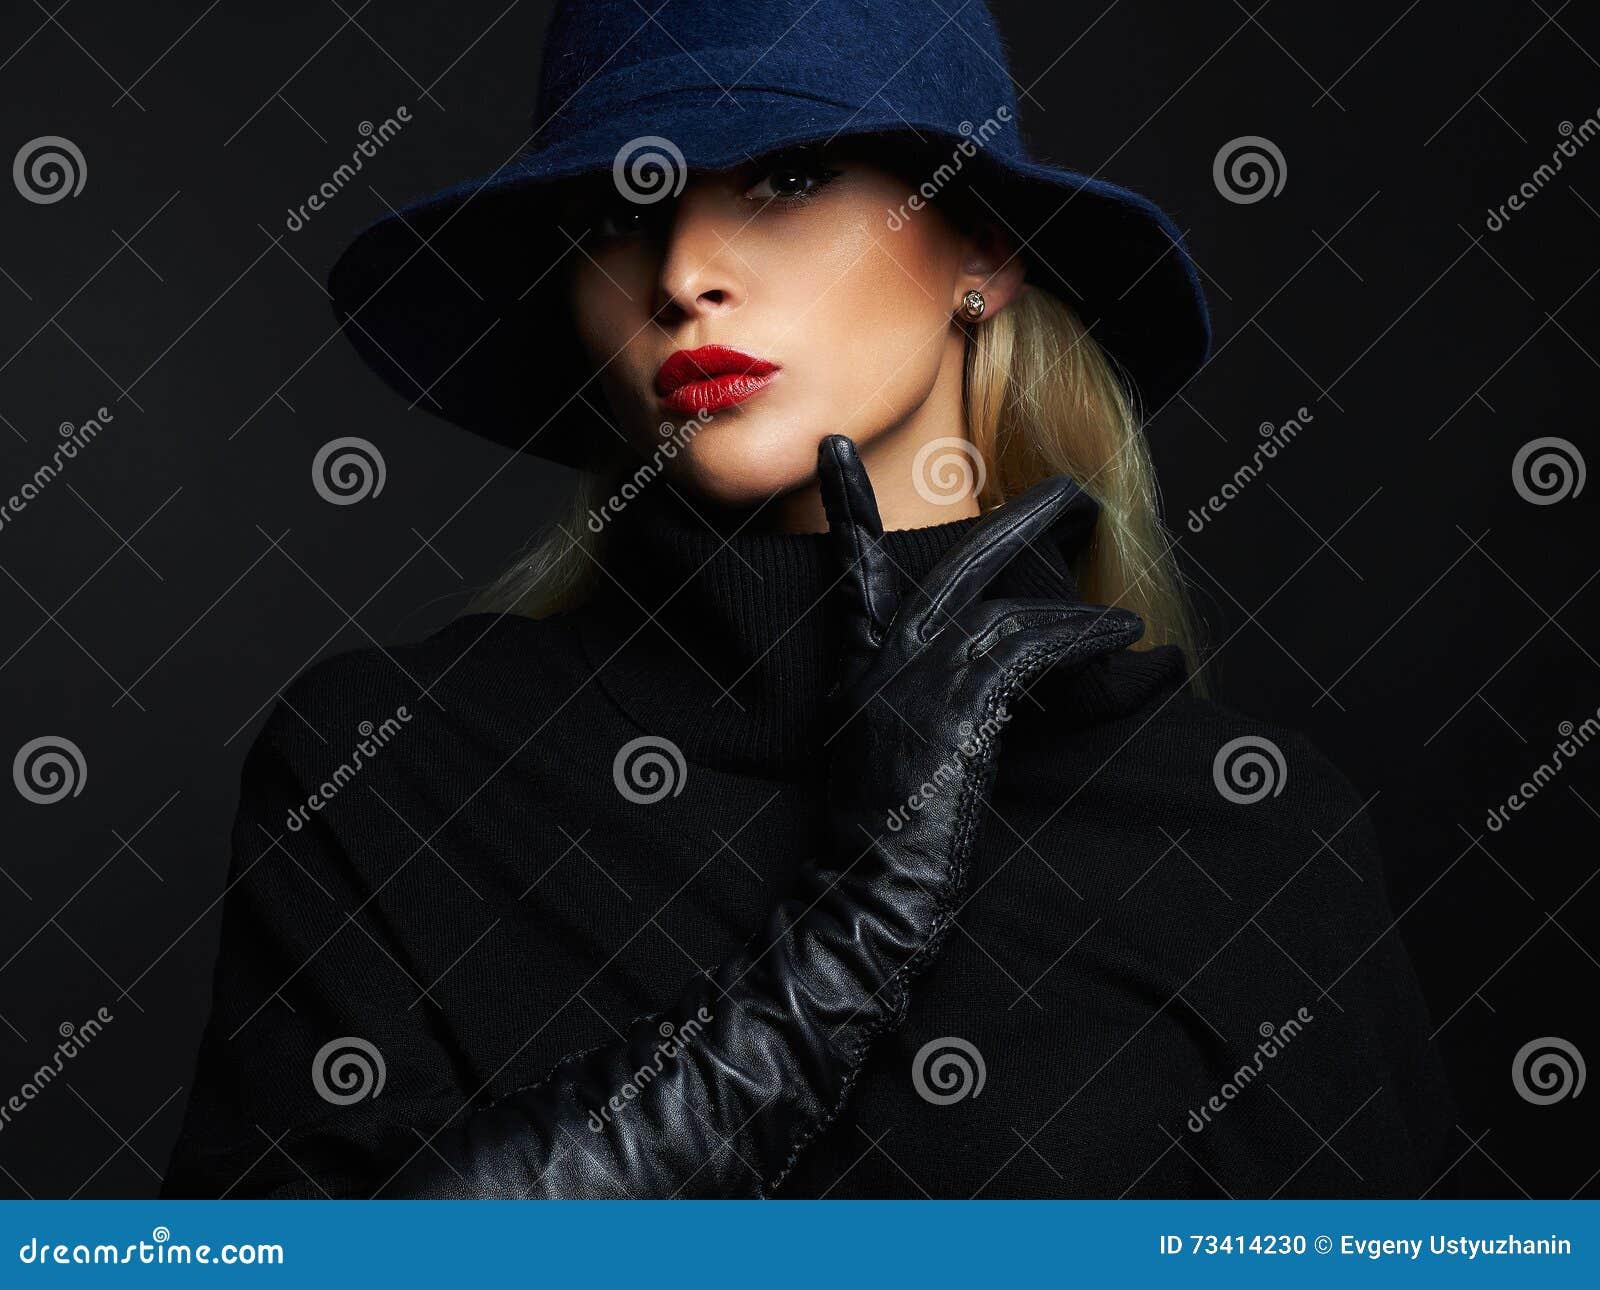 Красивая женщина в шляпе и кожаных перчатках девушка способа ретро